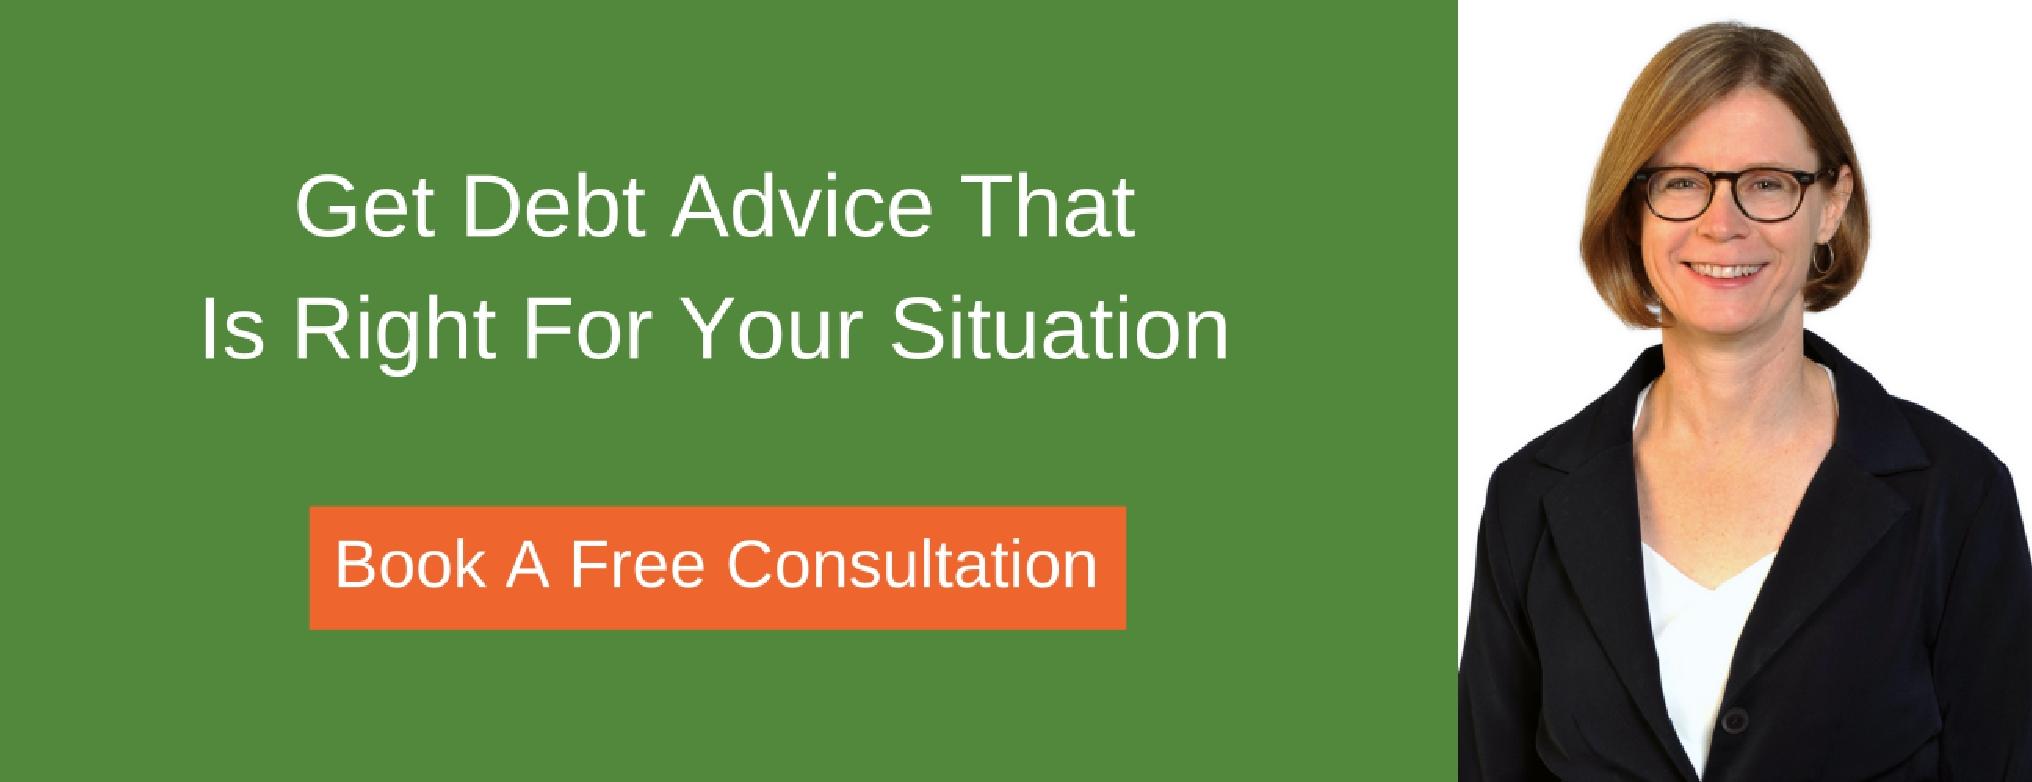 debt-advice-meg-cta